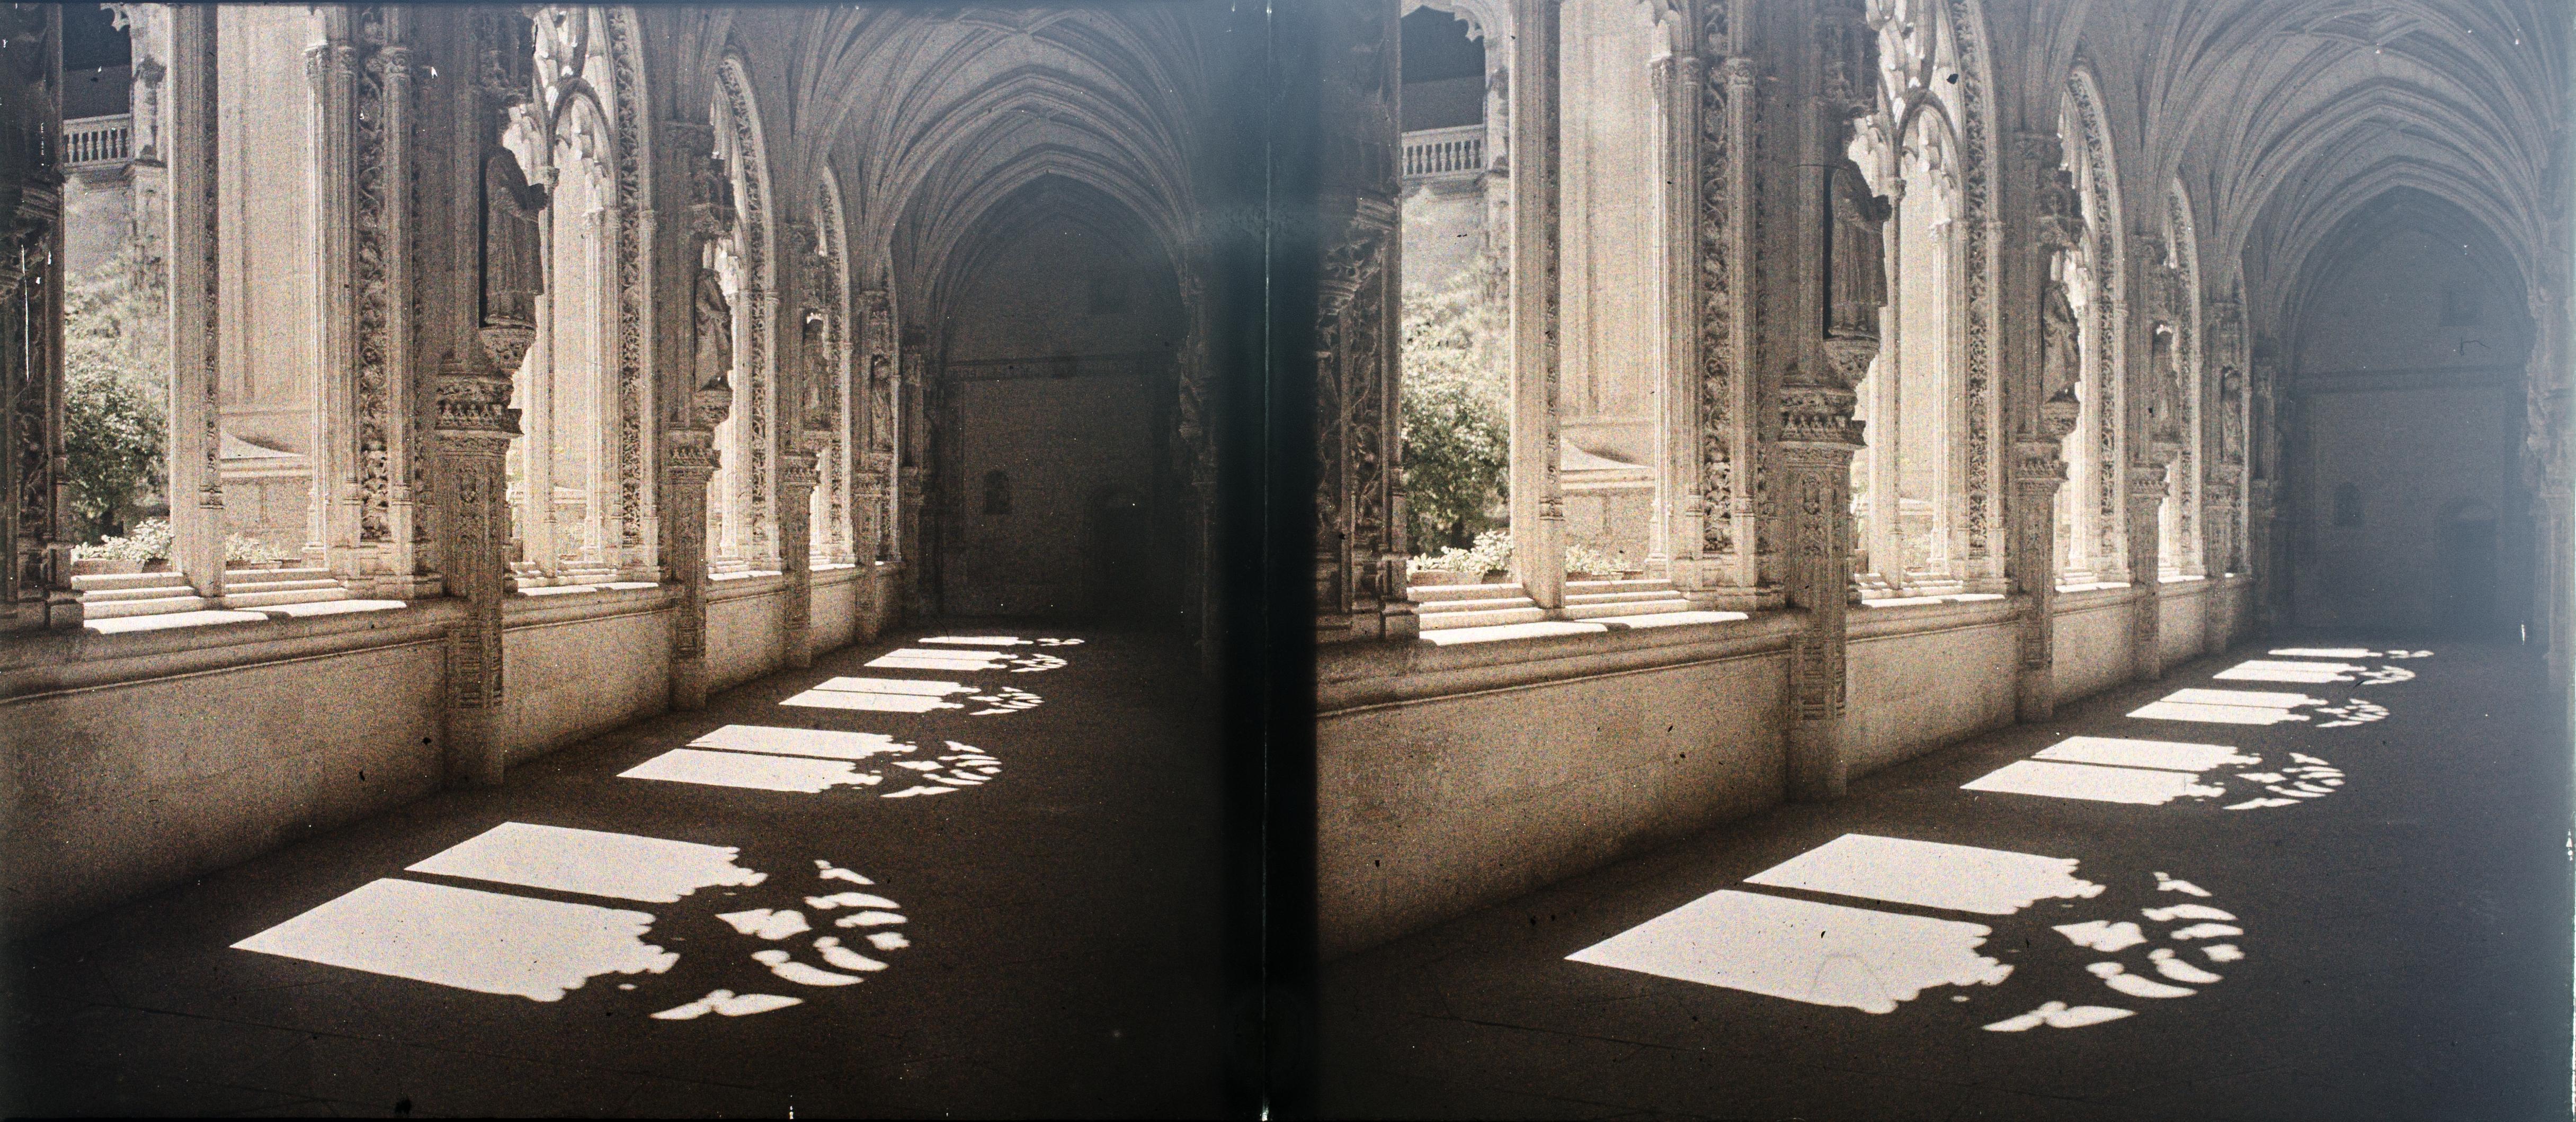 Autocromo del Claustro de San Juan de los Reyes hacia 1910. Fotografía de Francisco Rodríguez Avial © Herederos de Francisco Rodríguez Avial